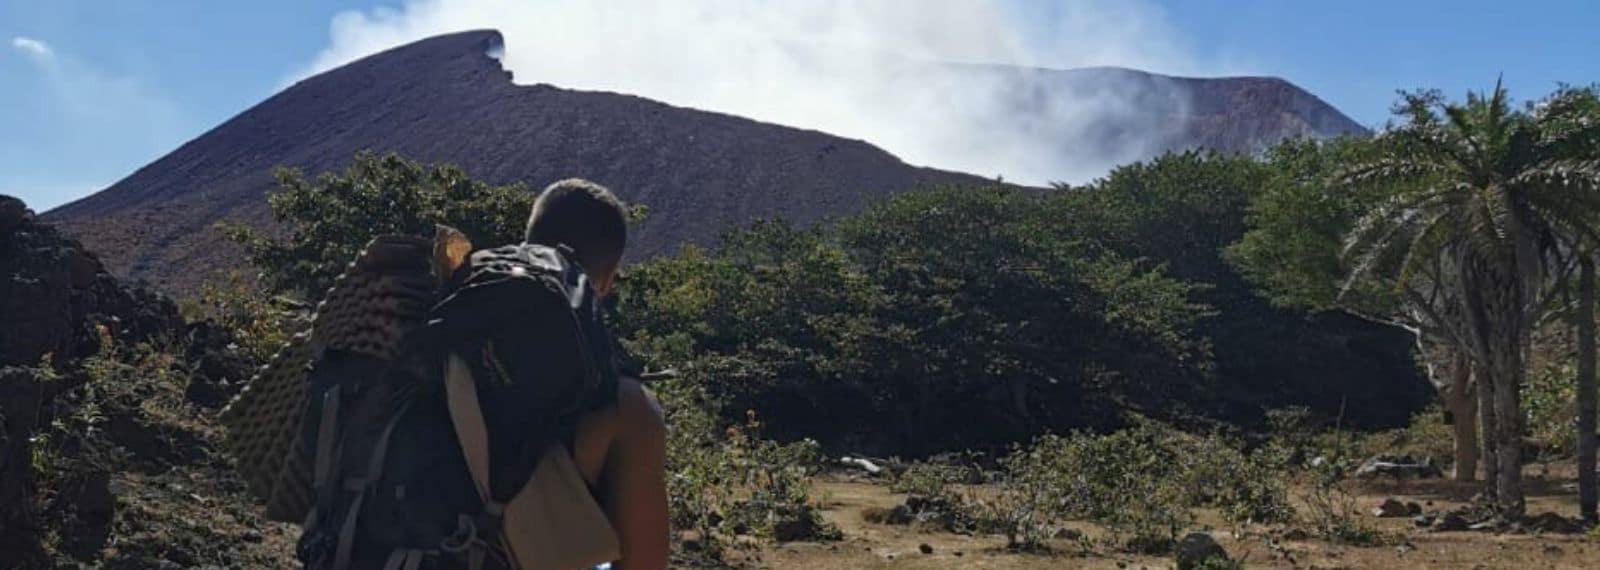 Michl aus dem Fitness-Loft vor einem Vulkan auf seiner Reise